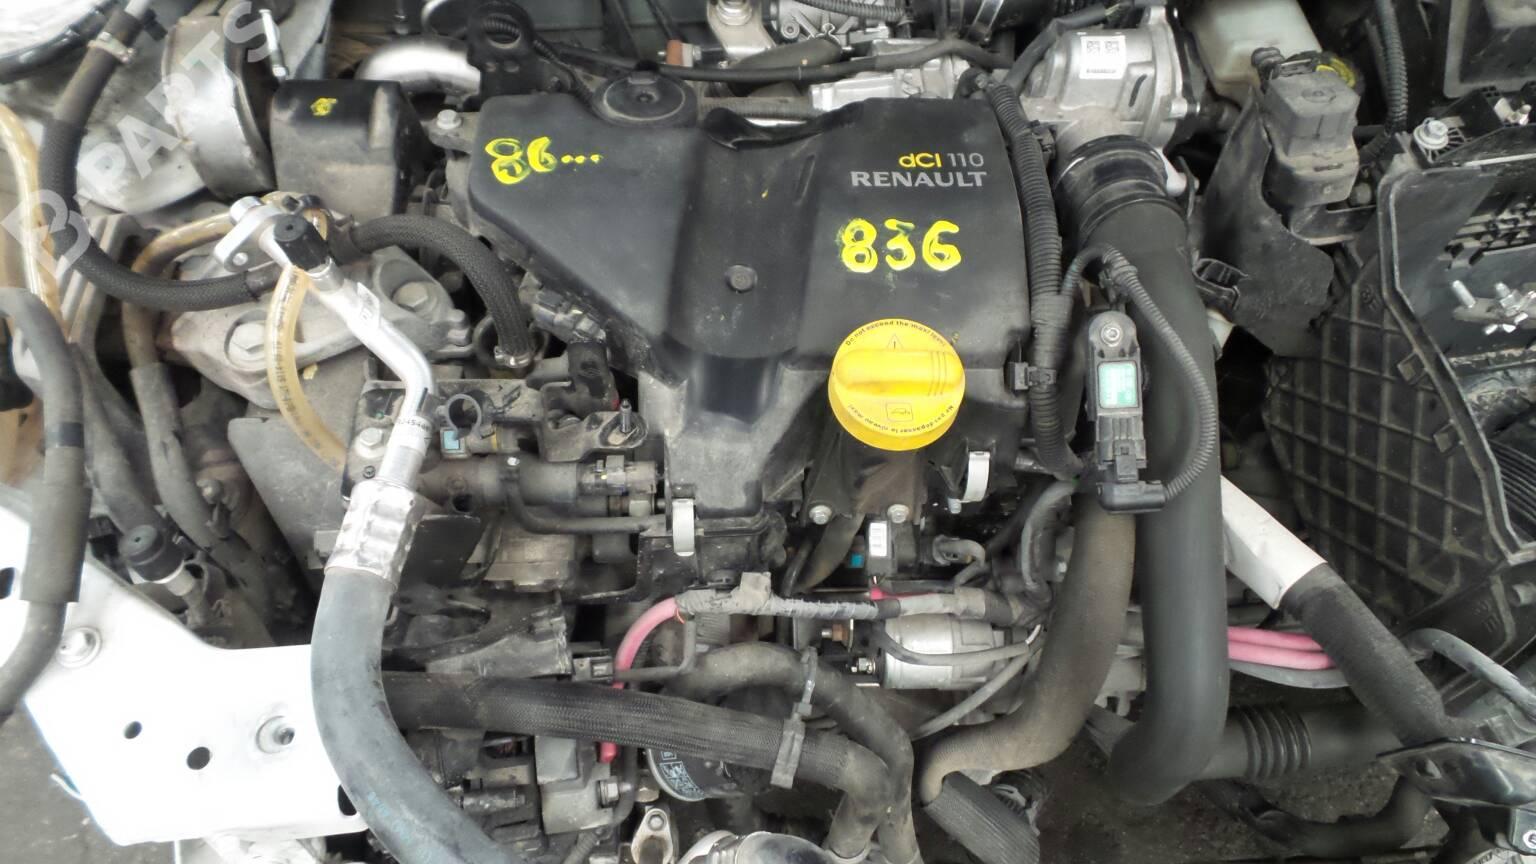 Engine Renault Megane Iii Hatchback Bz0 1 B3 1 5 Dci Bz09 Bz0d Bz1w K9k J 836 D204556 B Parts